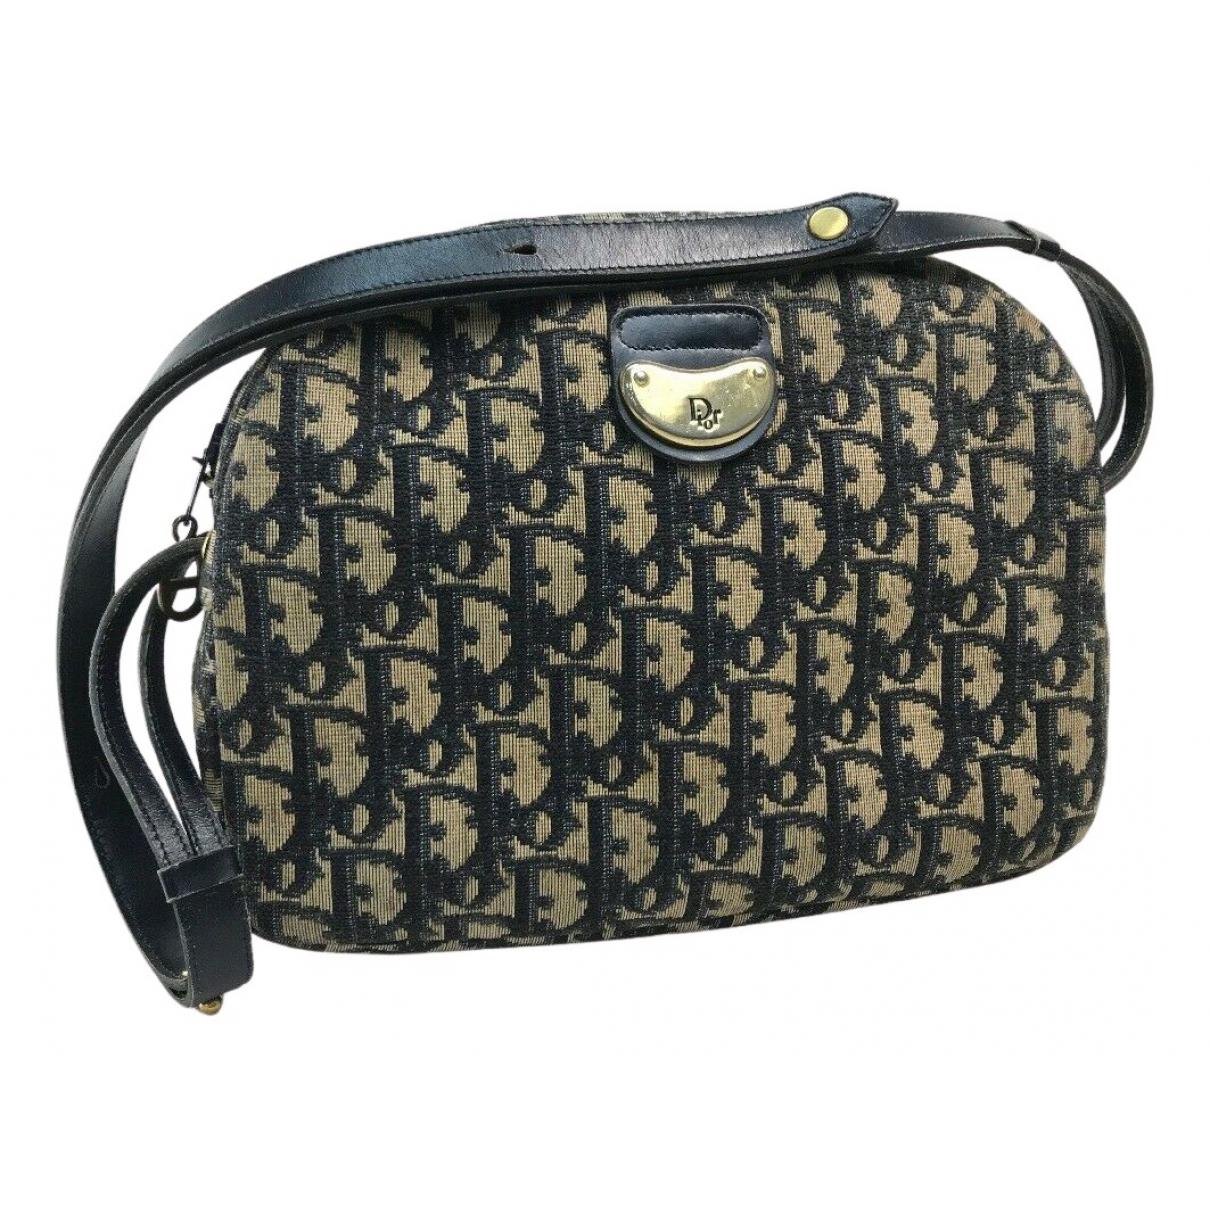 Dior N Navy Cloth handbag for Women N